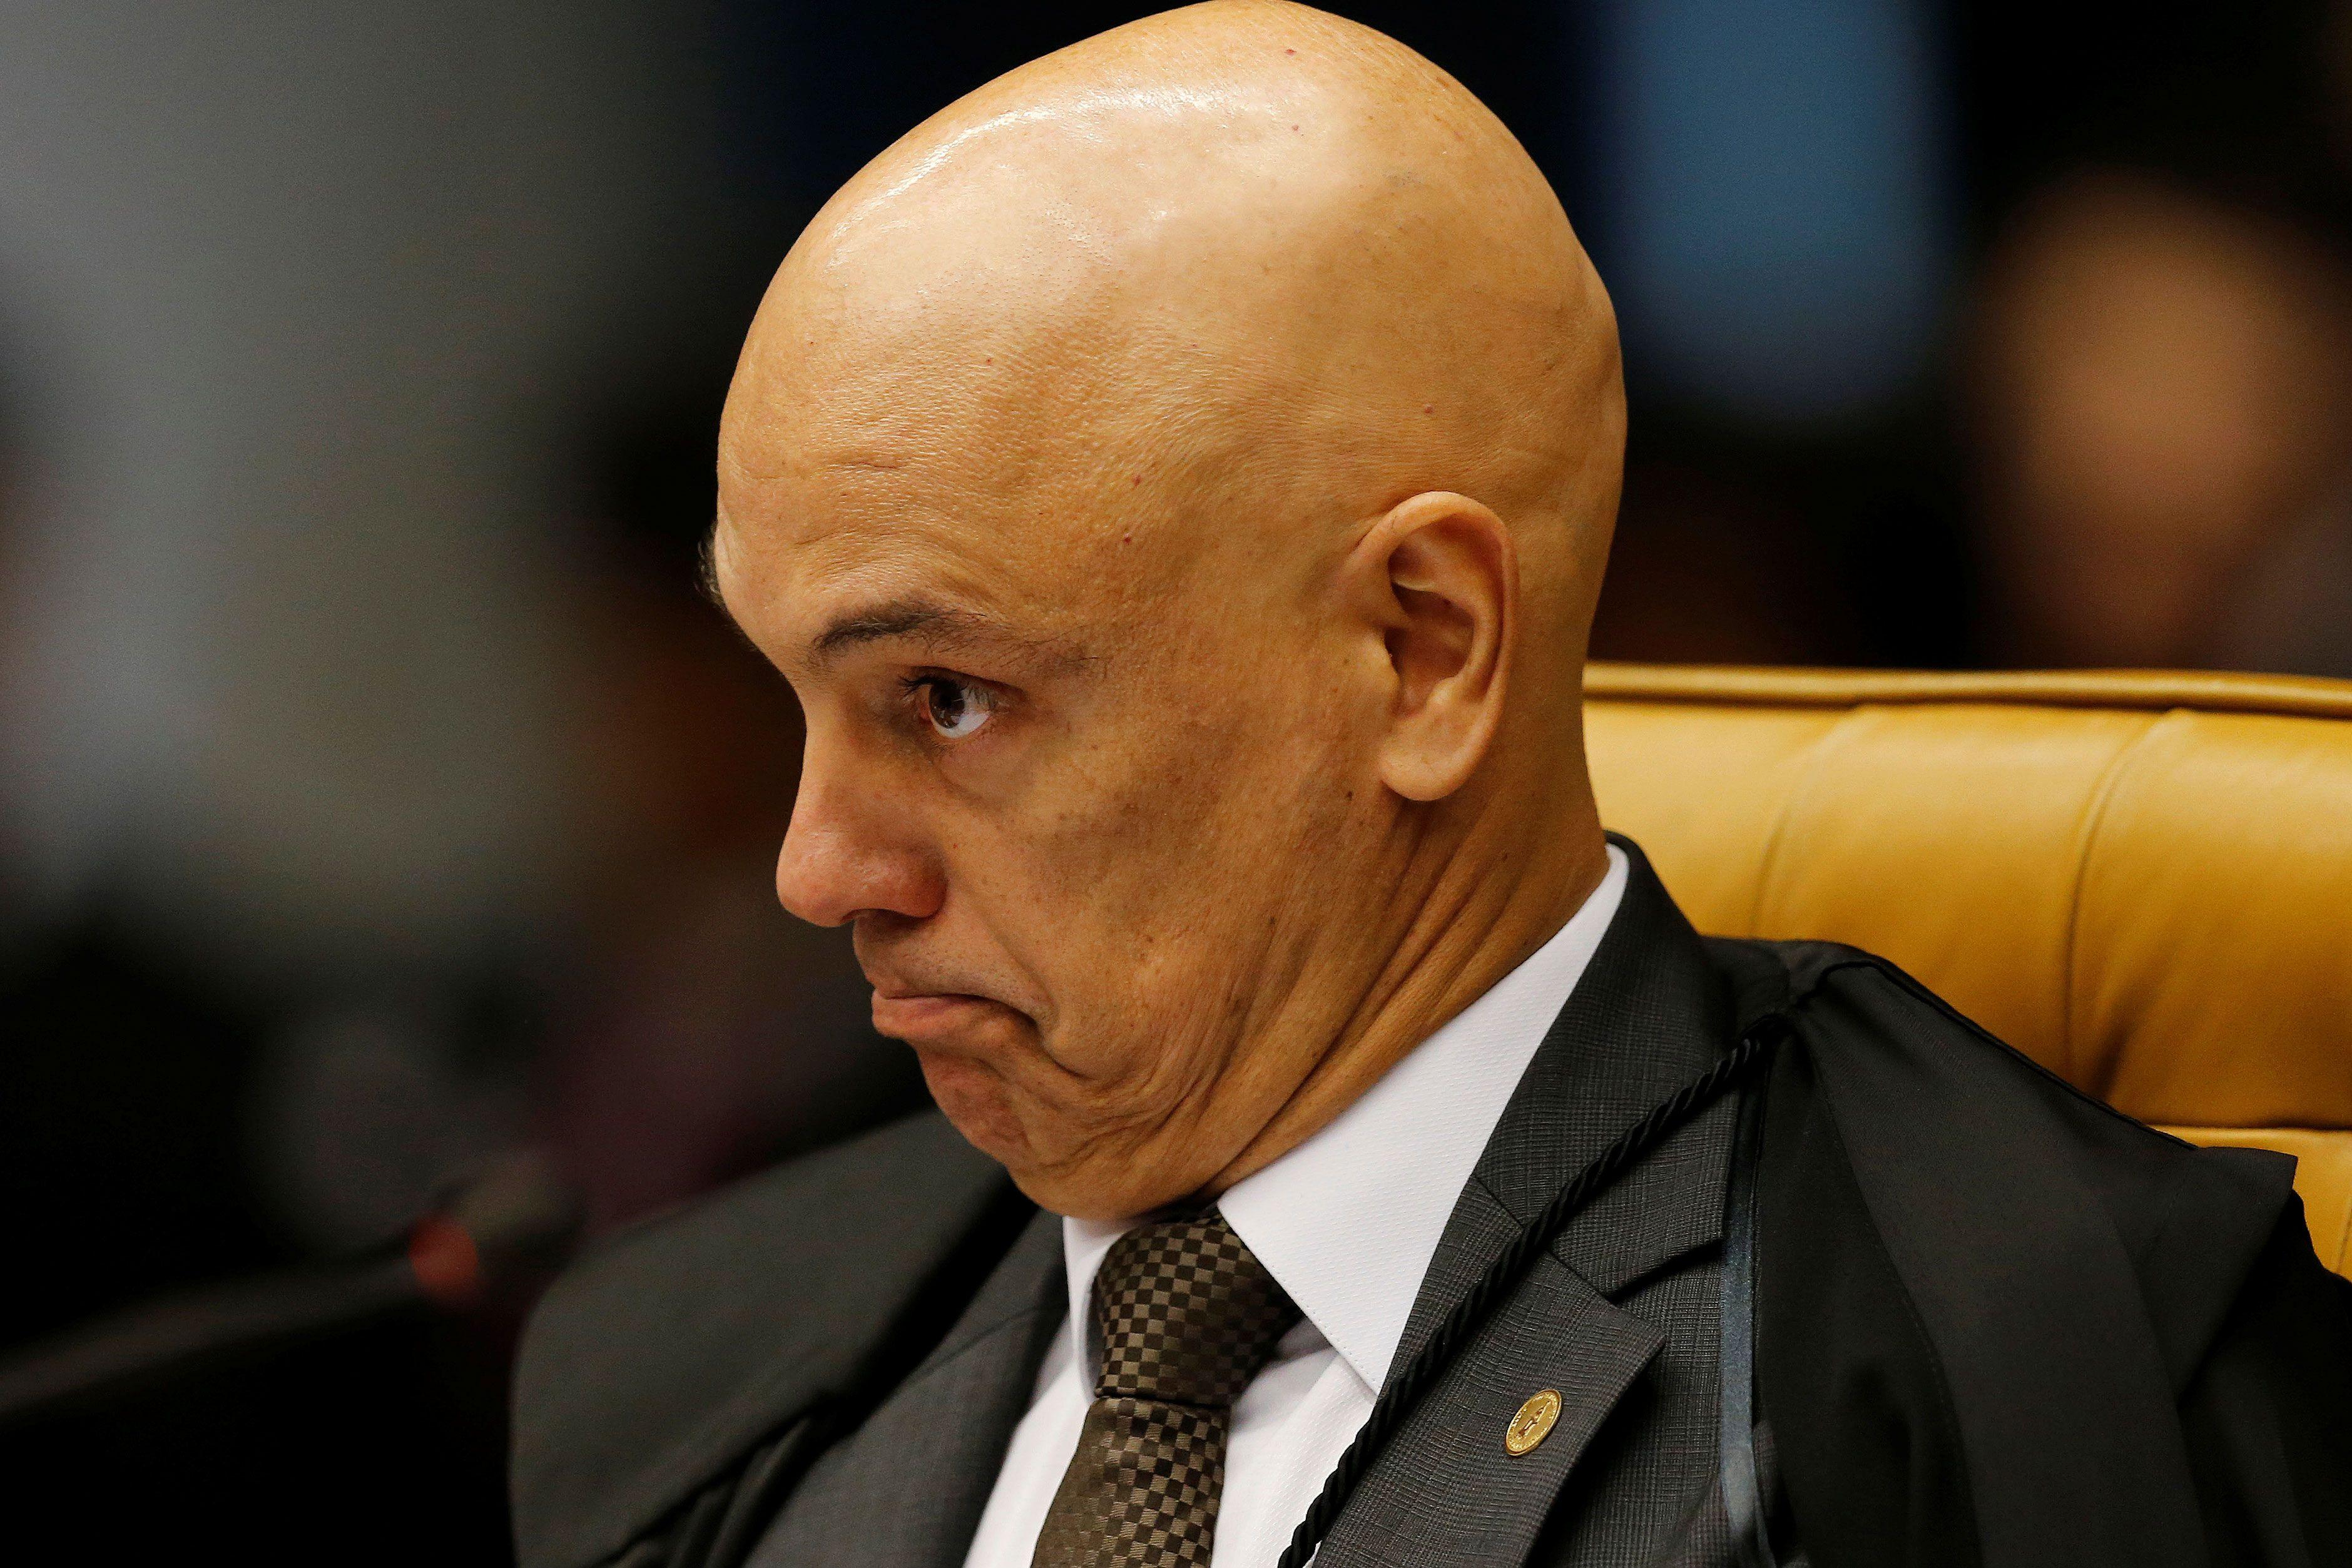 Alexandre de Moraes Procuradores criticam suspenso de investigaes Exame